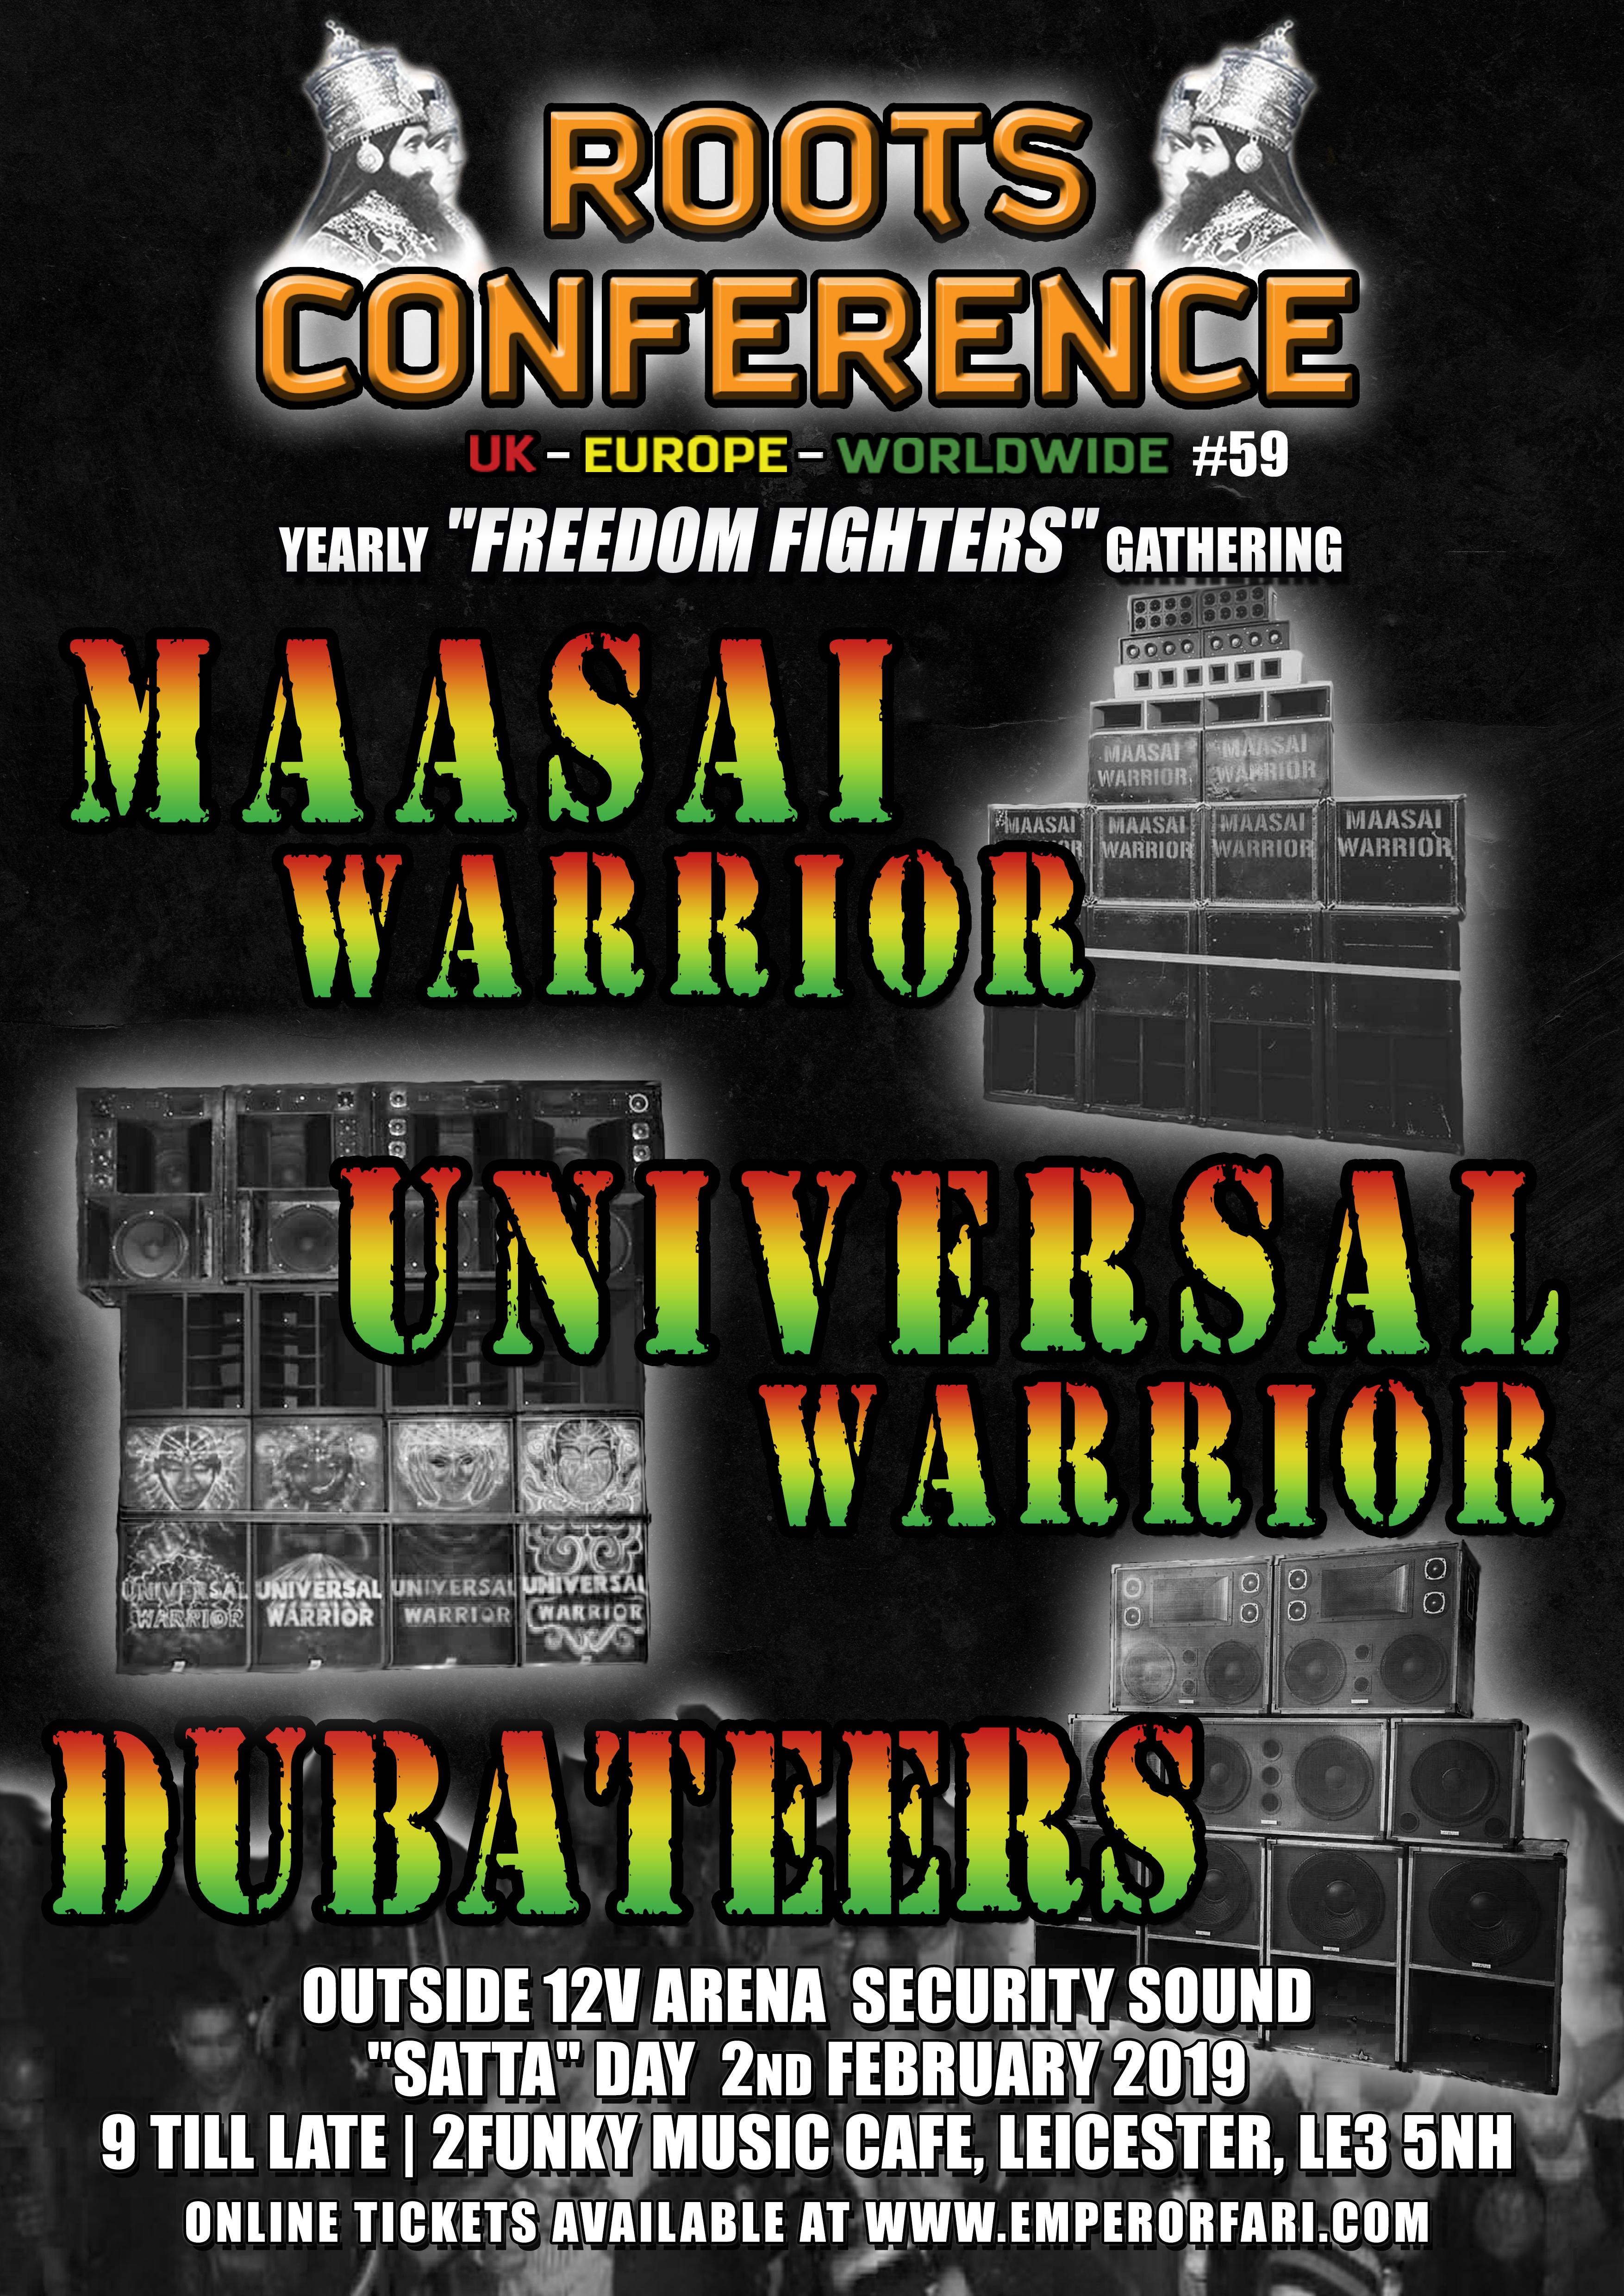 Maasai Warrior*Universal Warrior*Dubateers*12v Security